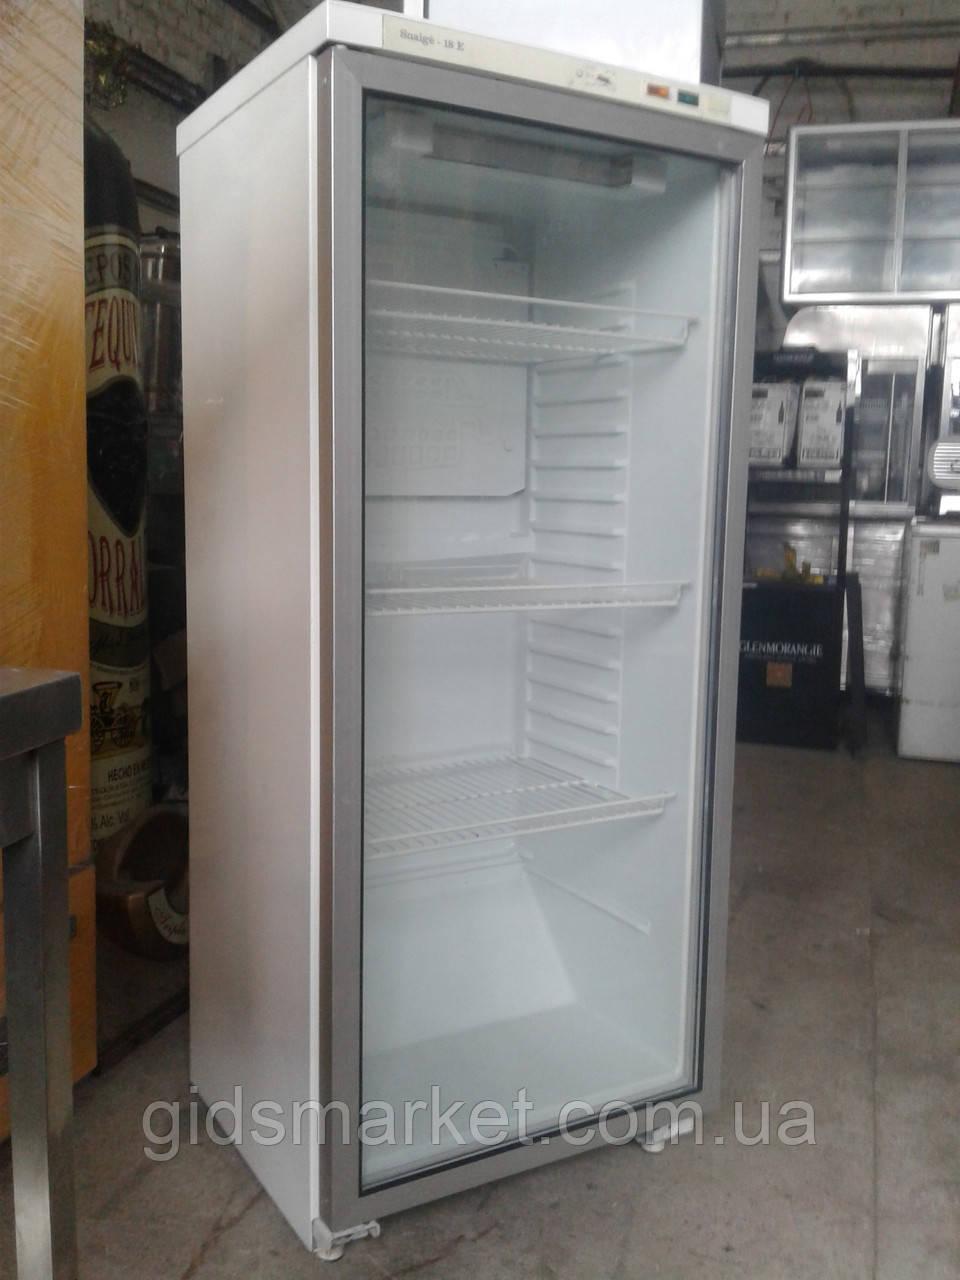 Холодильник Snaige бу., холодильник промышленный б/у.